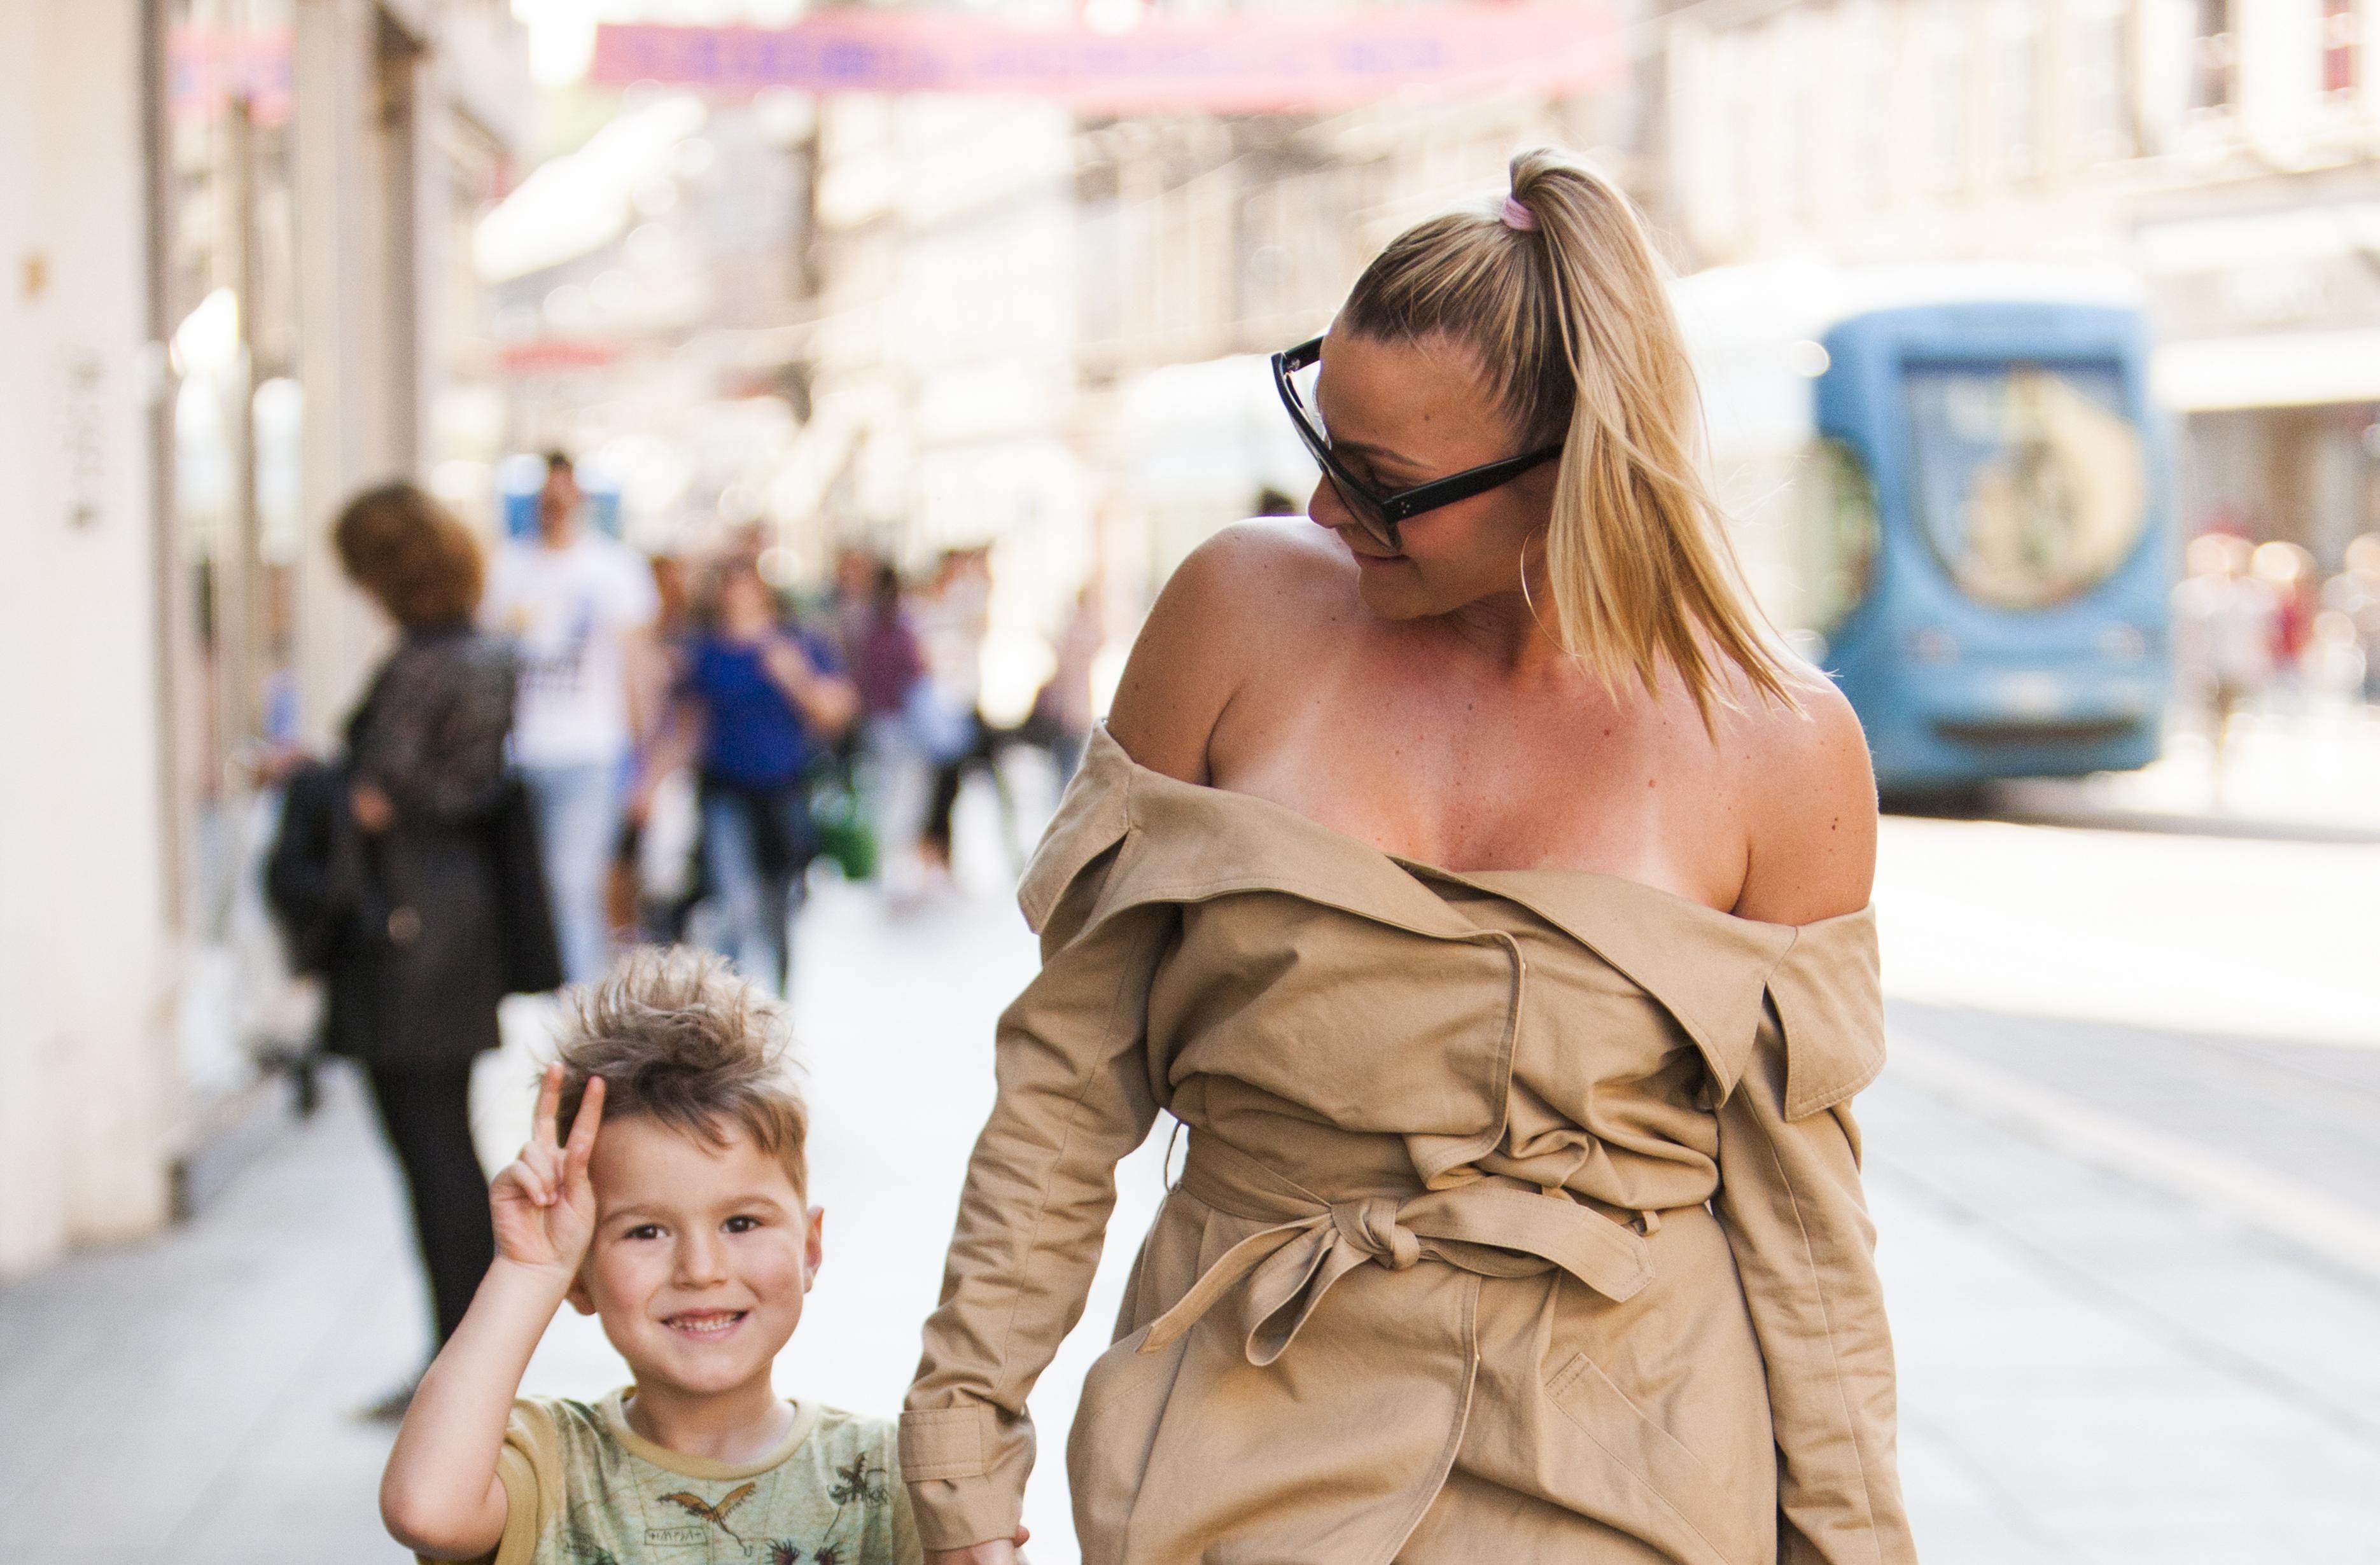 Kakva cool mama! U haljini golih ramena i ultravisokim potpeticama izgleda odlično